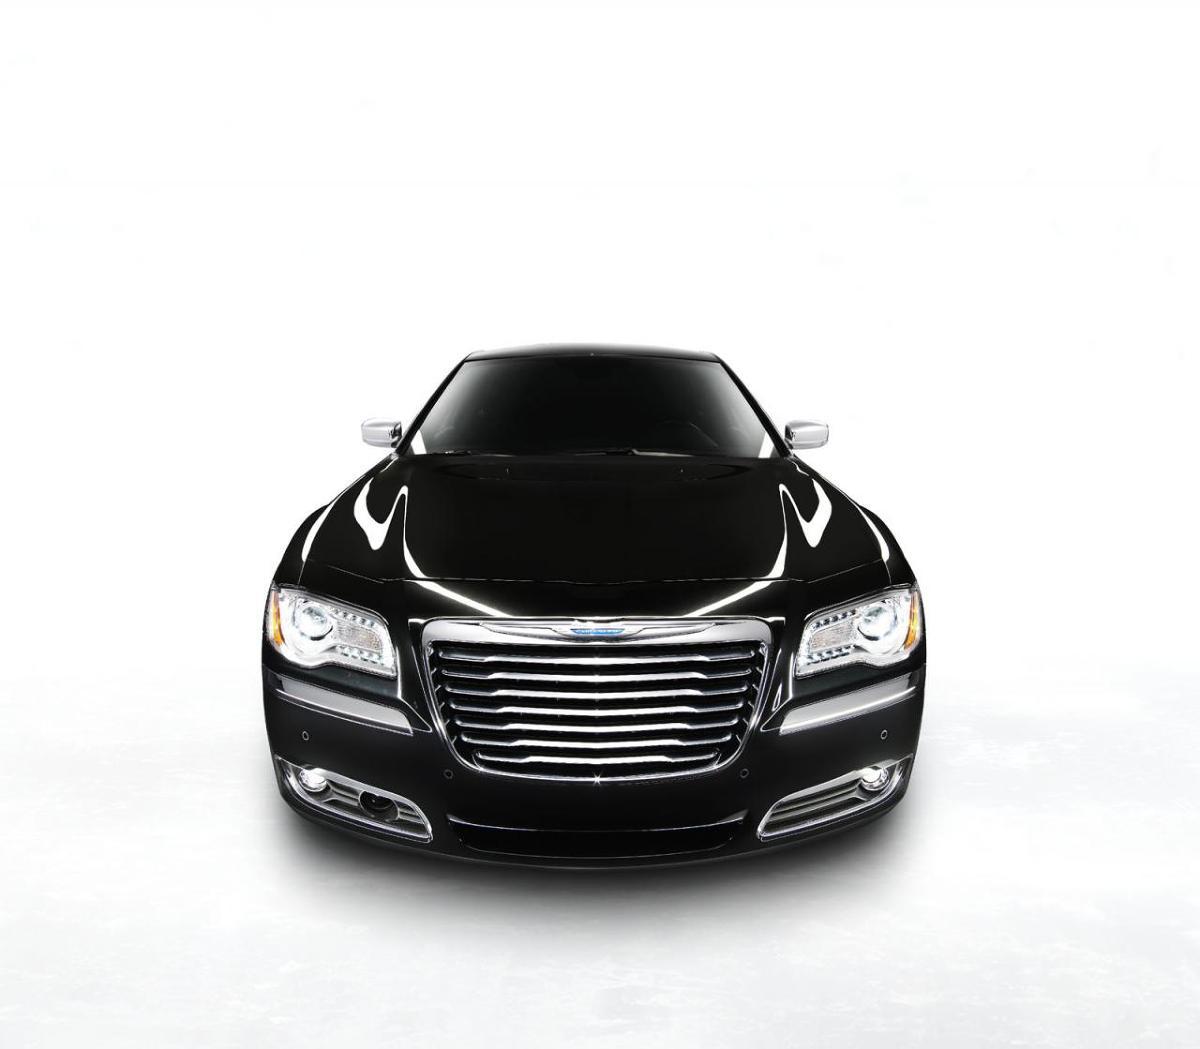 Fot. Chrysler